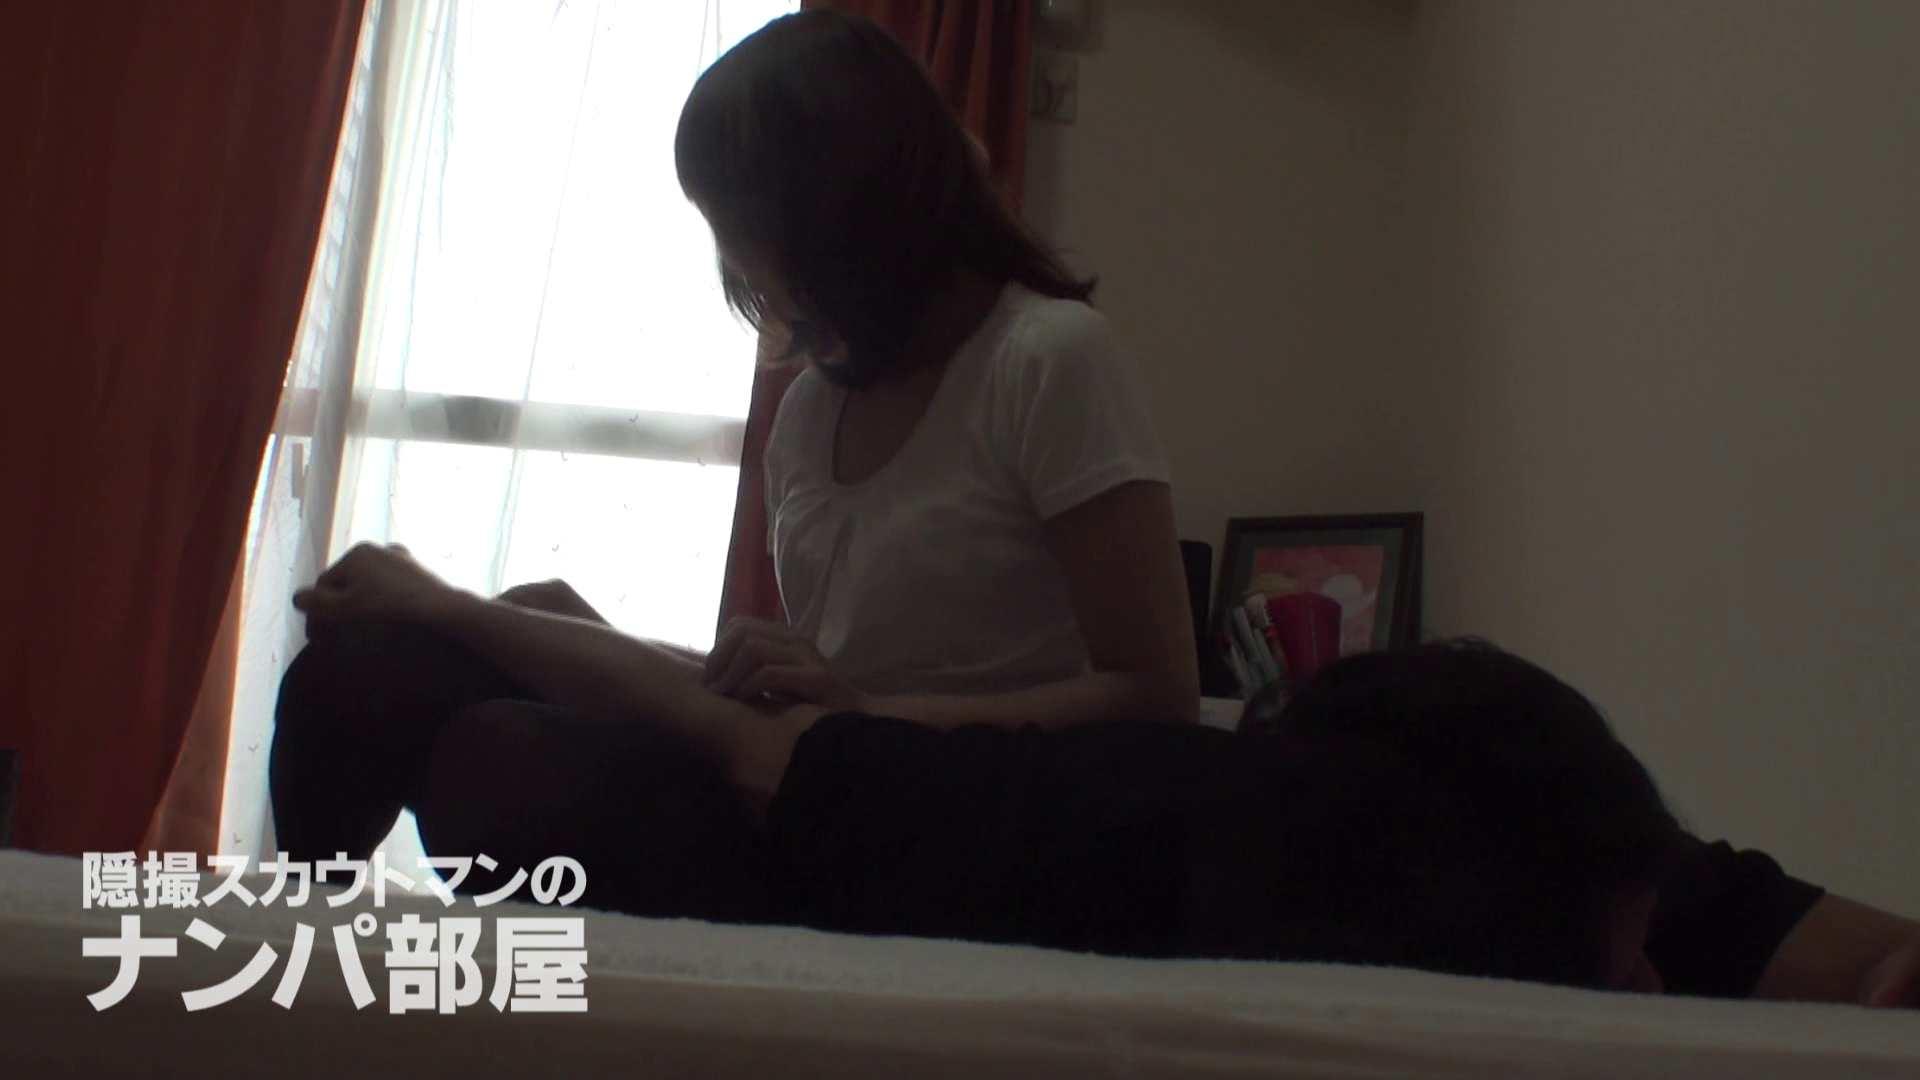 隠撮スカウトマンのナンパ部屋~風俗デビュー前のつまみ食い~ siivol.2 OL裸体 | ナンパ  58画像 17